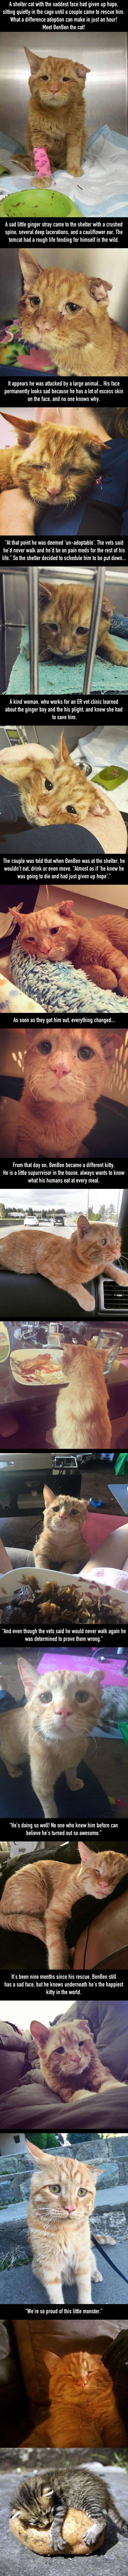 Pari Tulee sattumalta Sad Shelter Cat Ben Ben eivät löytäneet Home, tunnin kuluttua hyväksyminen ..